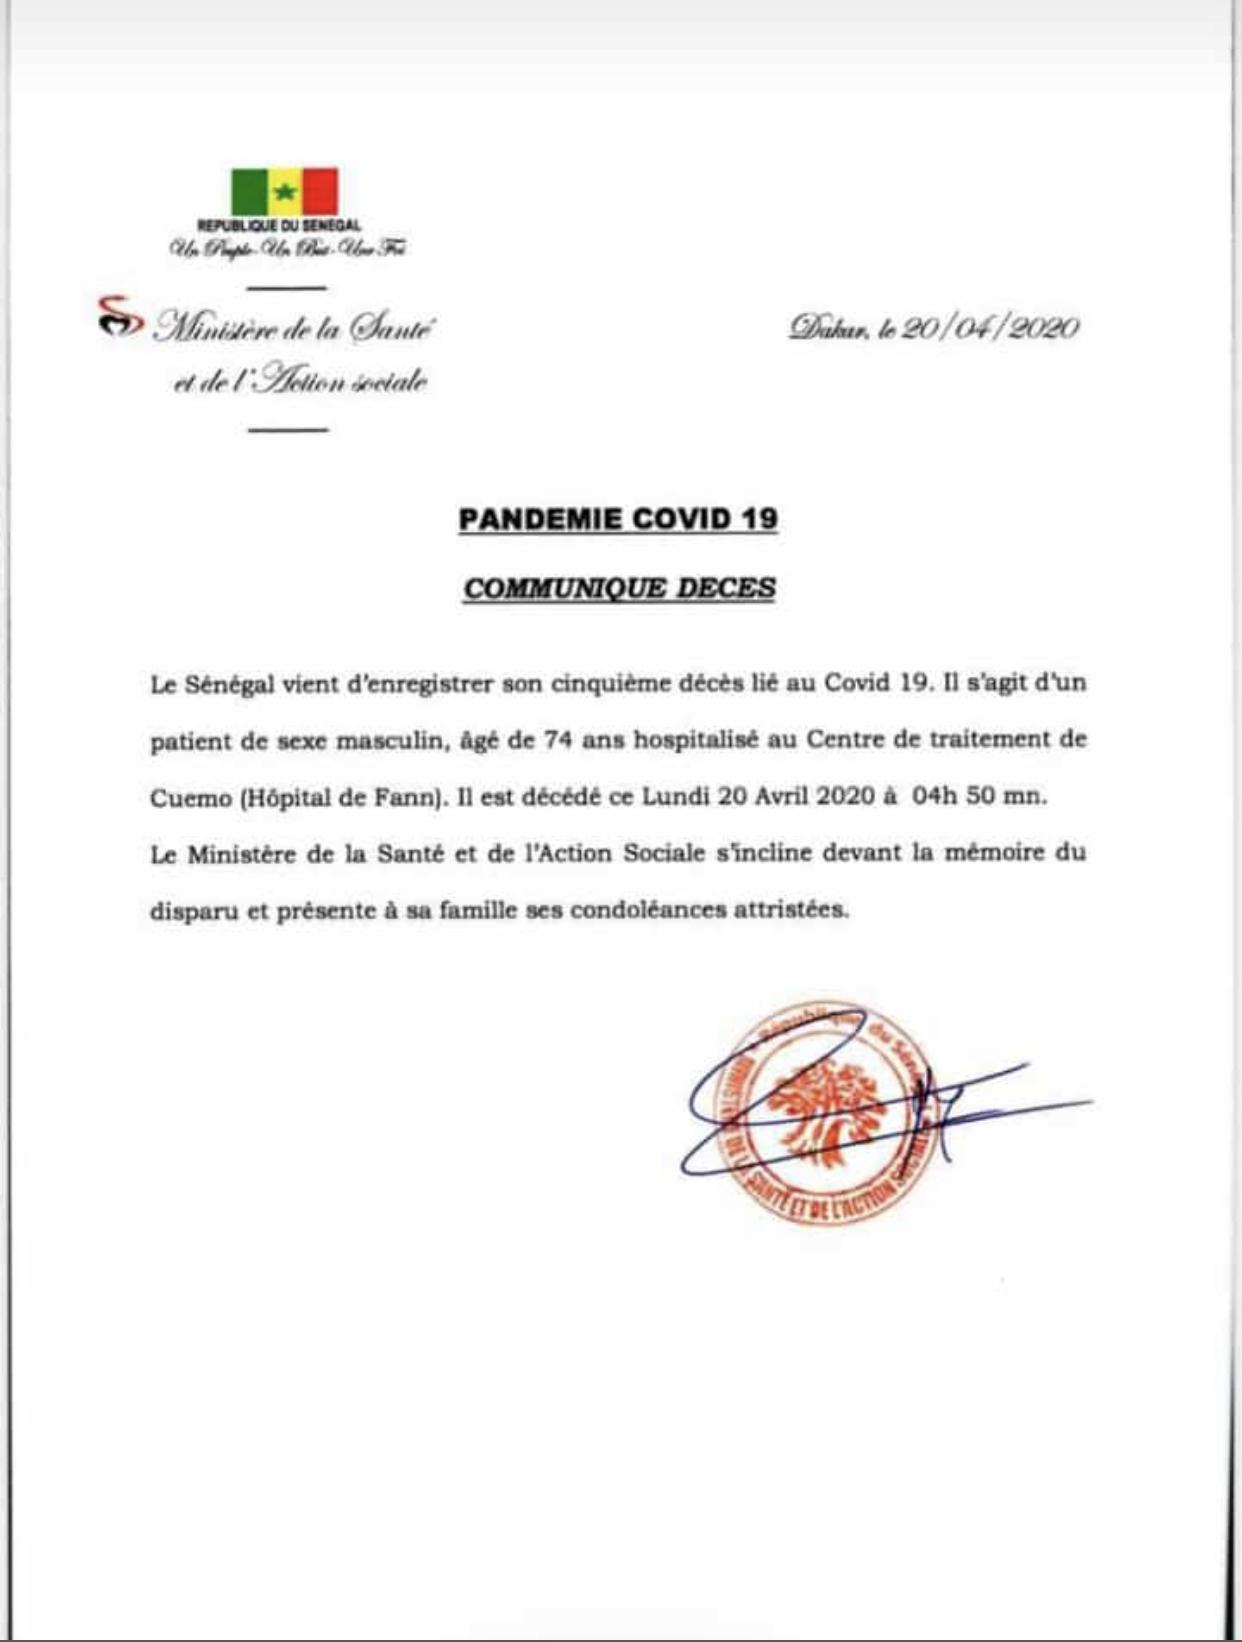 Urgent : Le Sénégal enregistre  un cinquième décès lié au Covid-19.